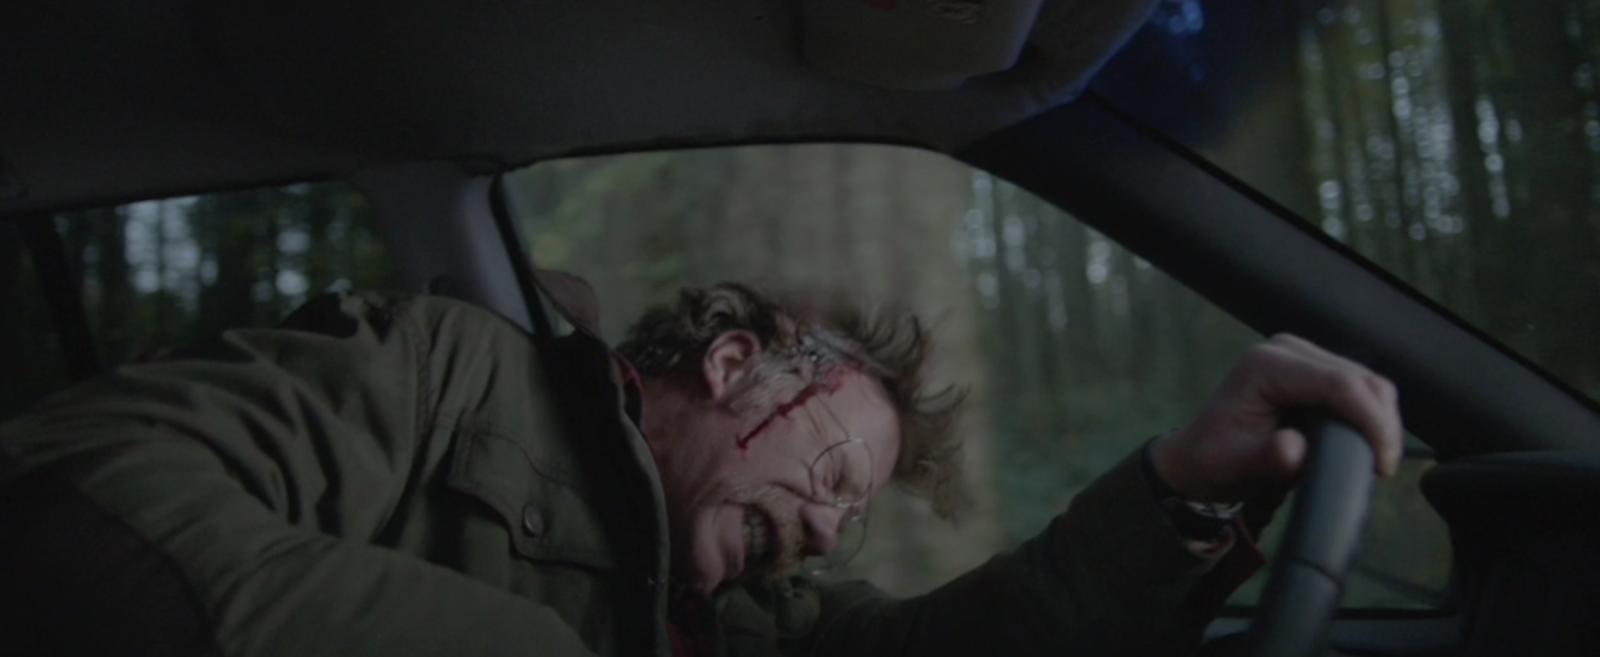 Jessica le frappe à la tête et il se met à saigner...